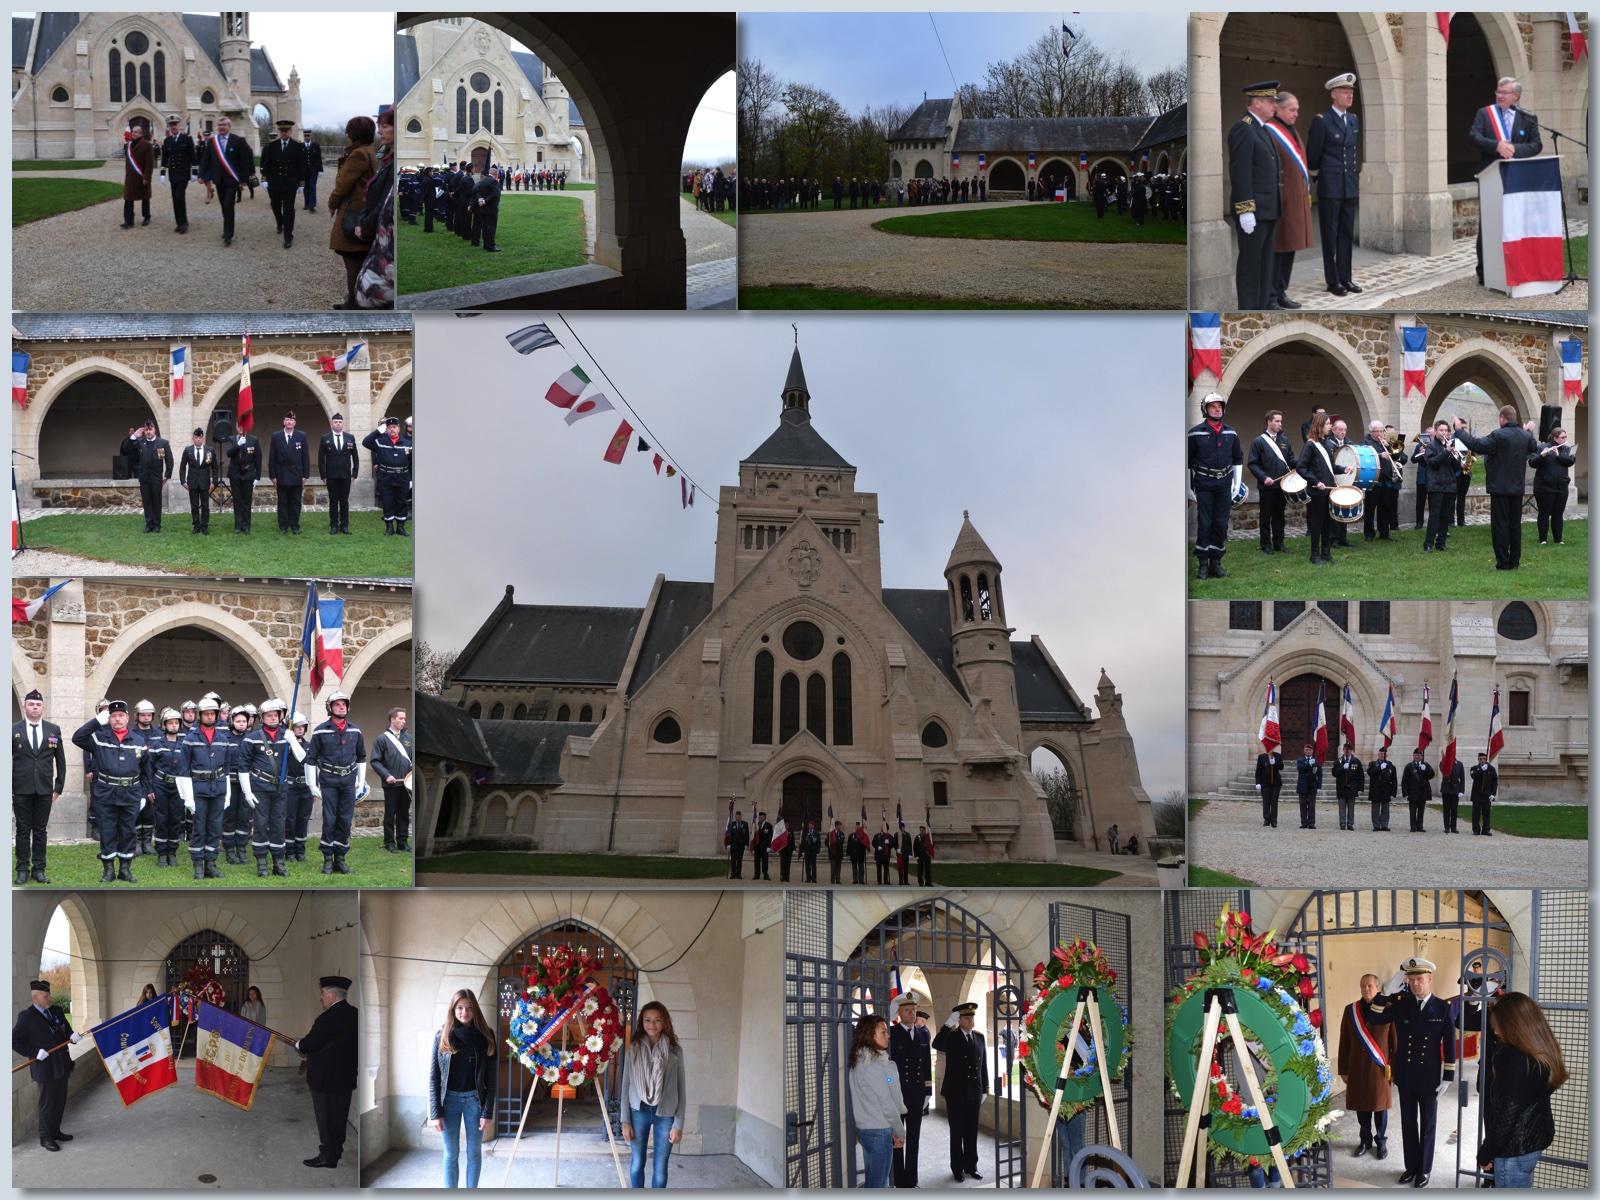 montage d'images de la cérémonie du 11 novembre 2015 au Mémorial de Dormans